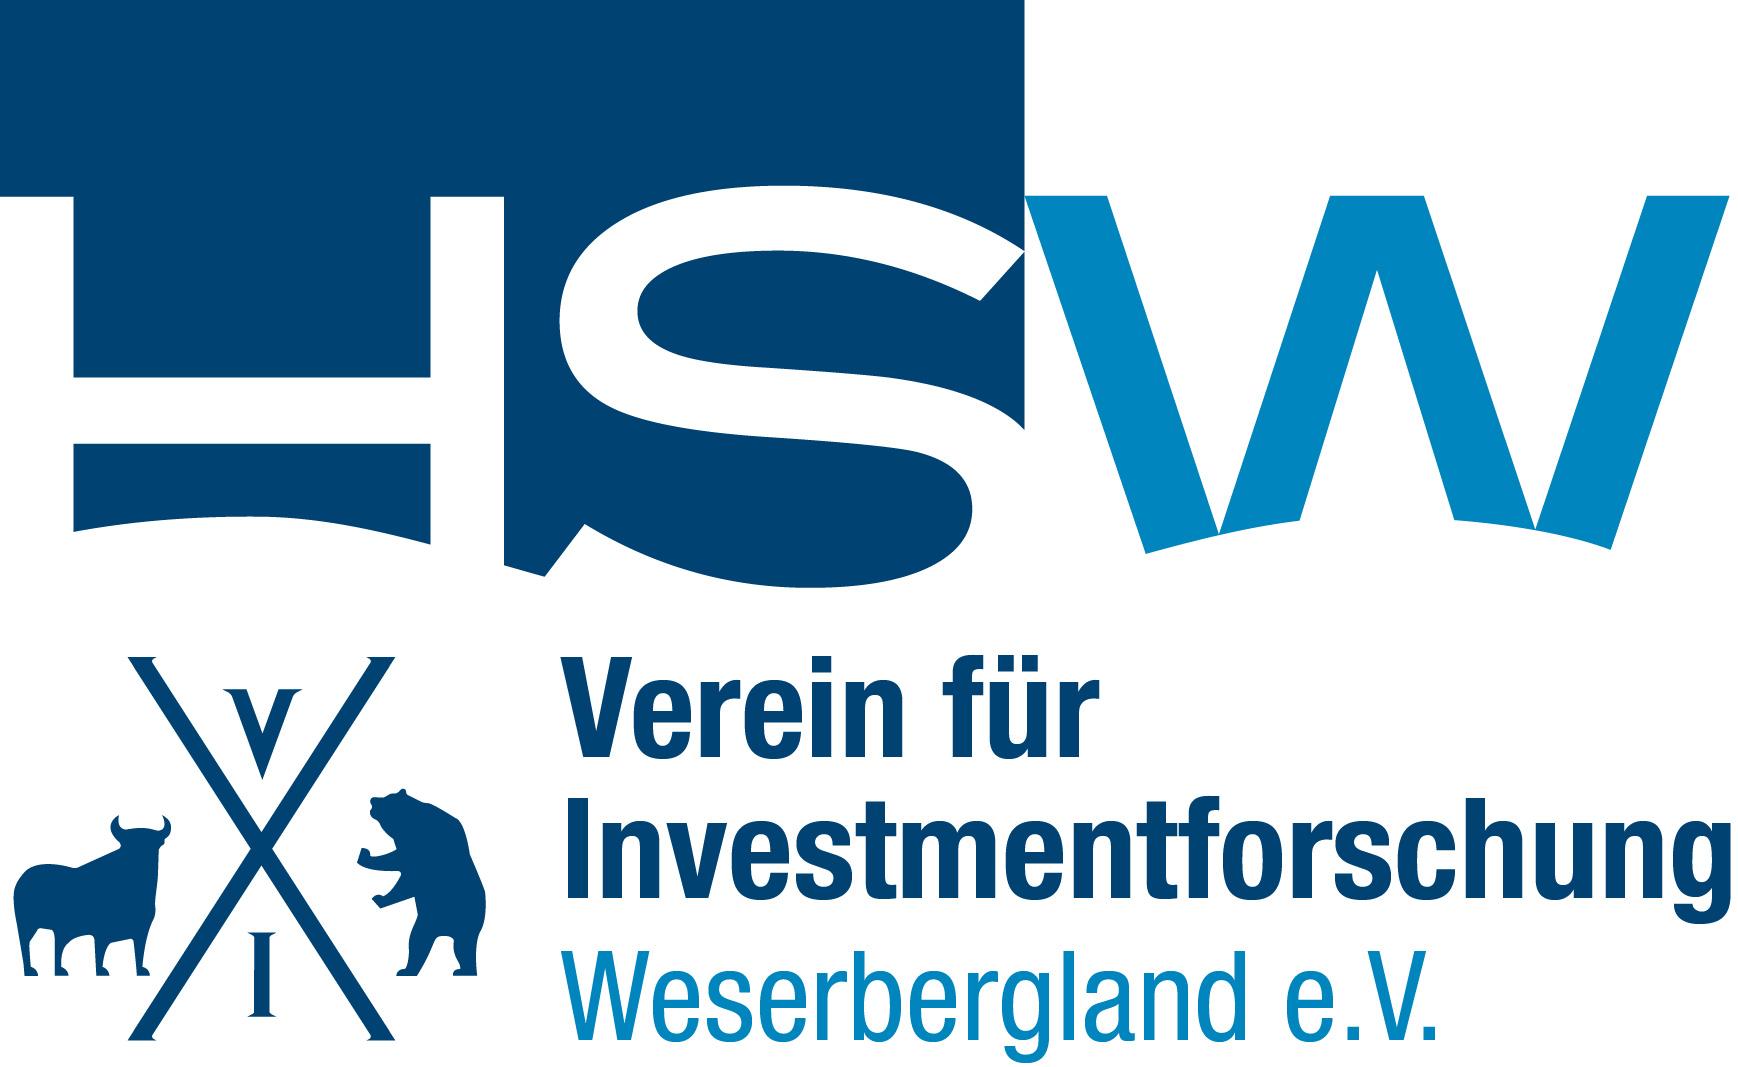 Verein für Investmentforschung Weserbergland e.V.